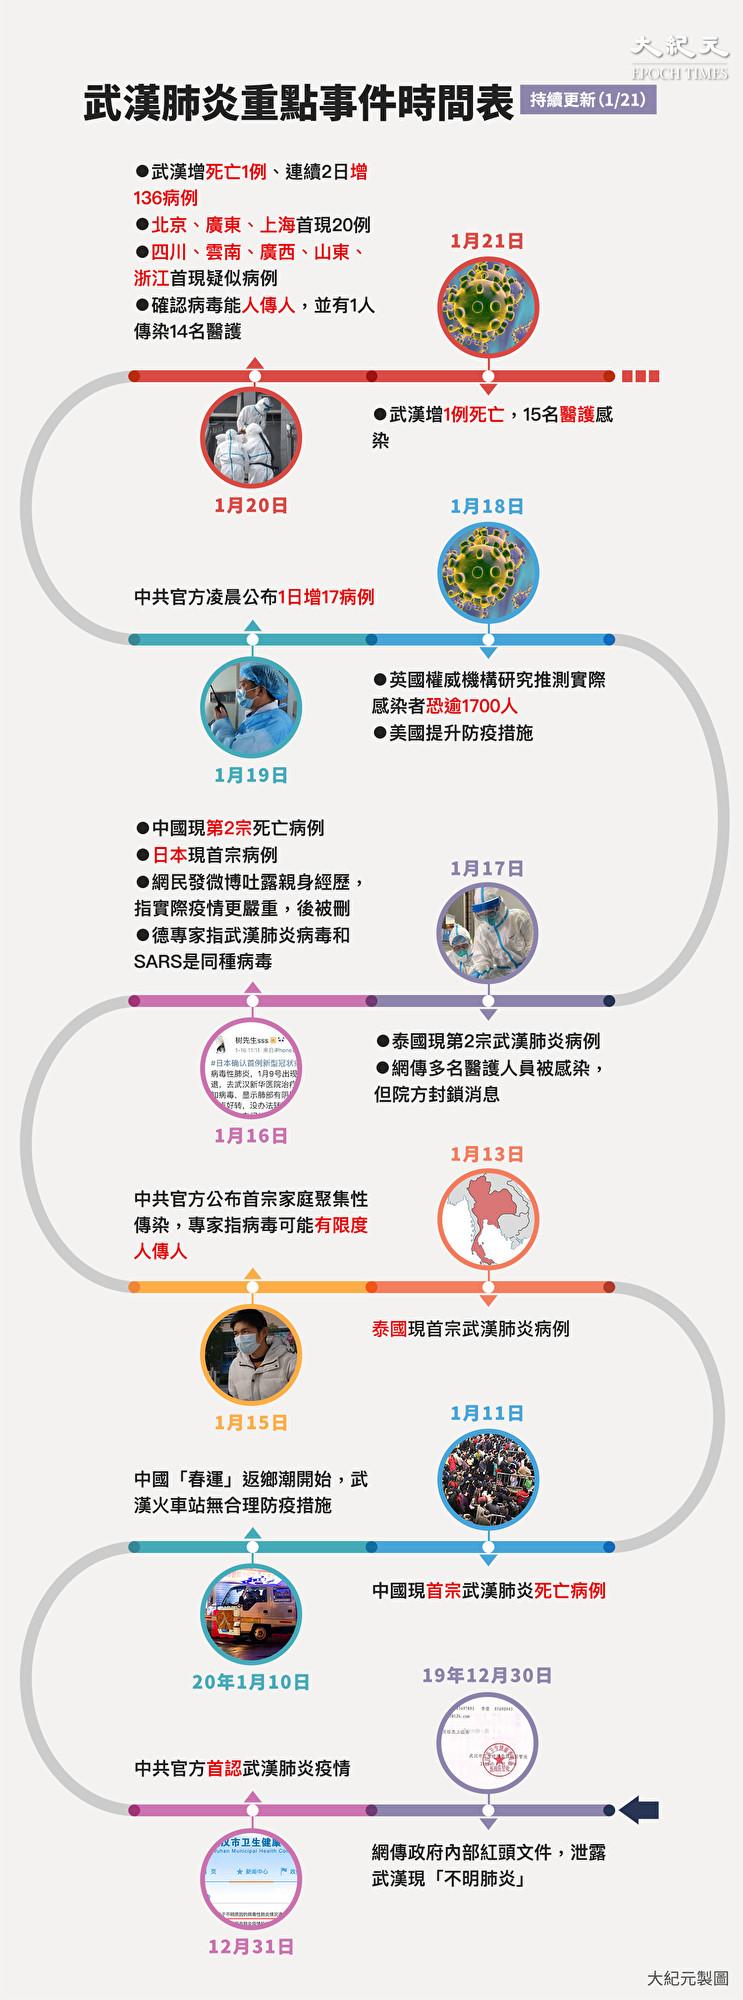 中共肺炎疫情重點事件時間表。(大紀元製圖)